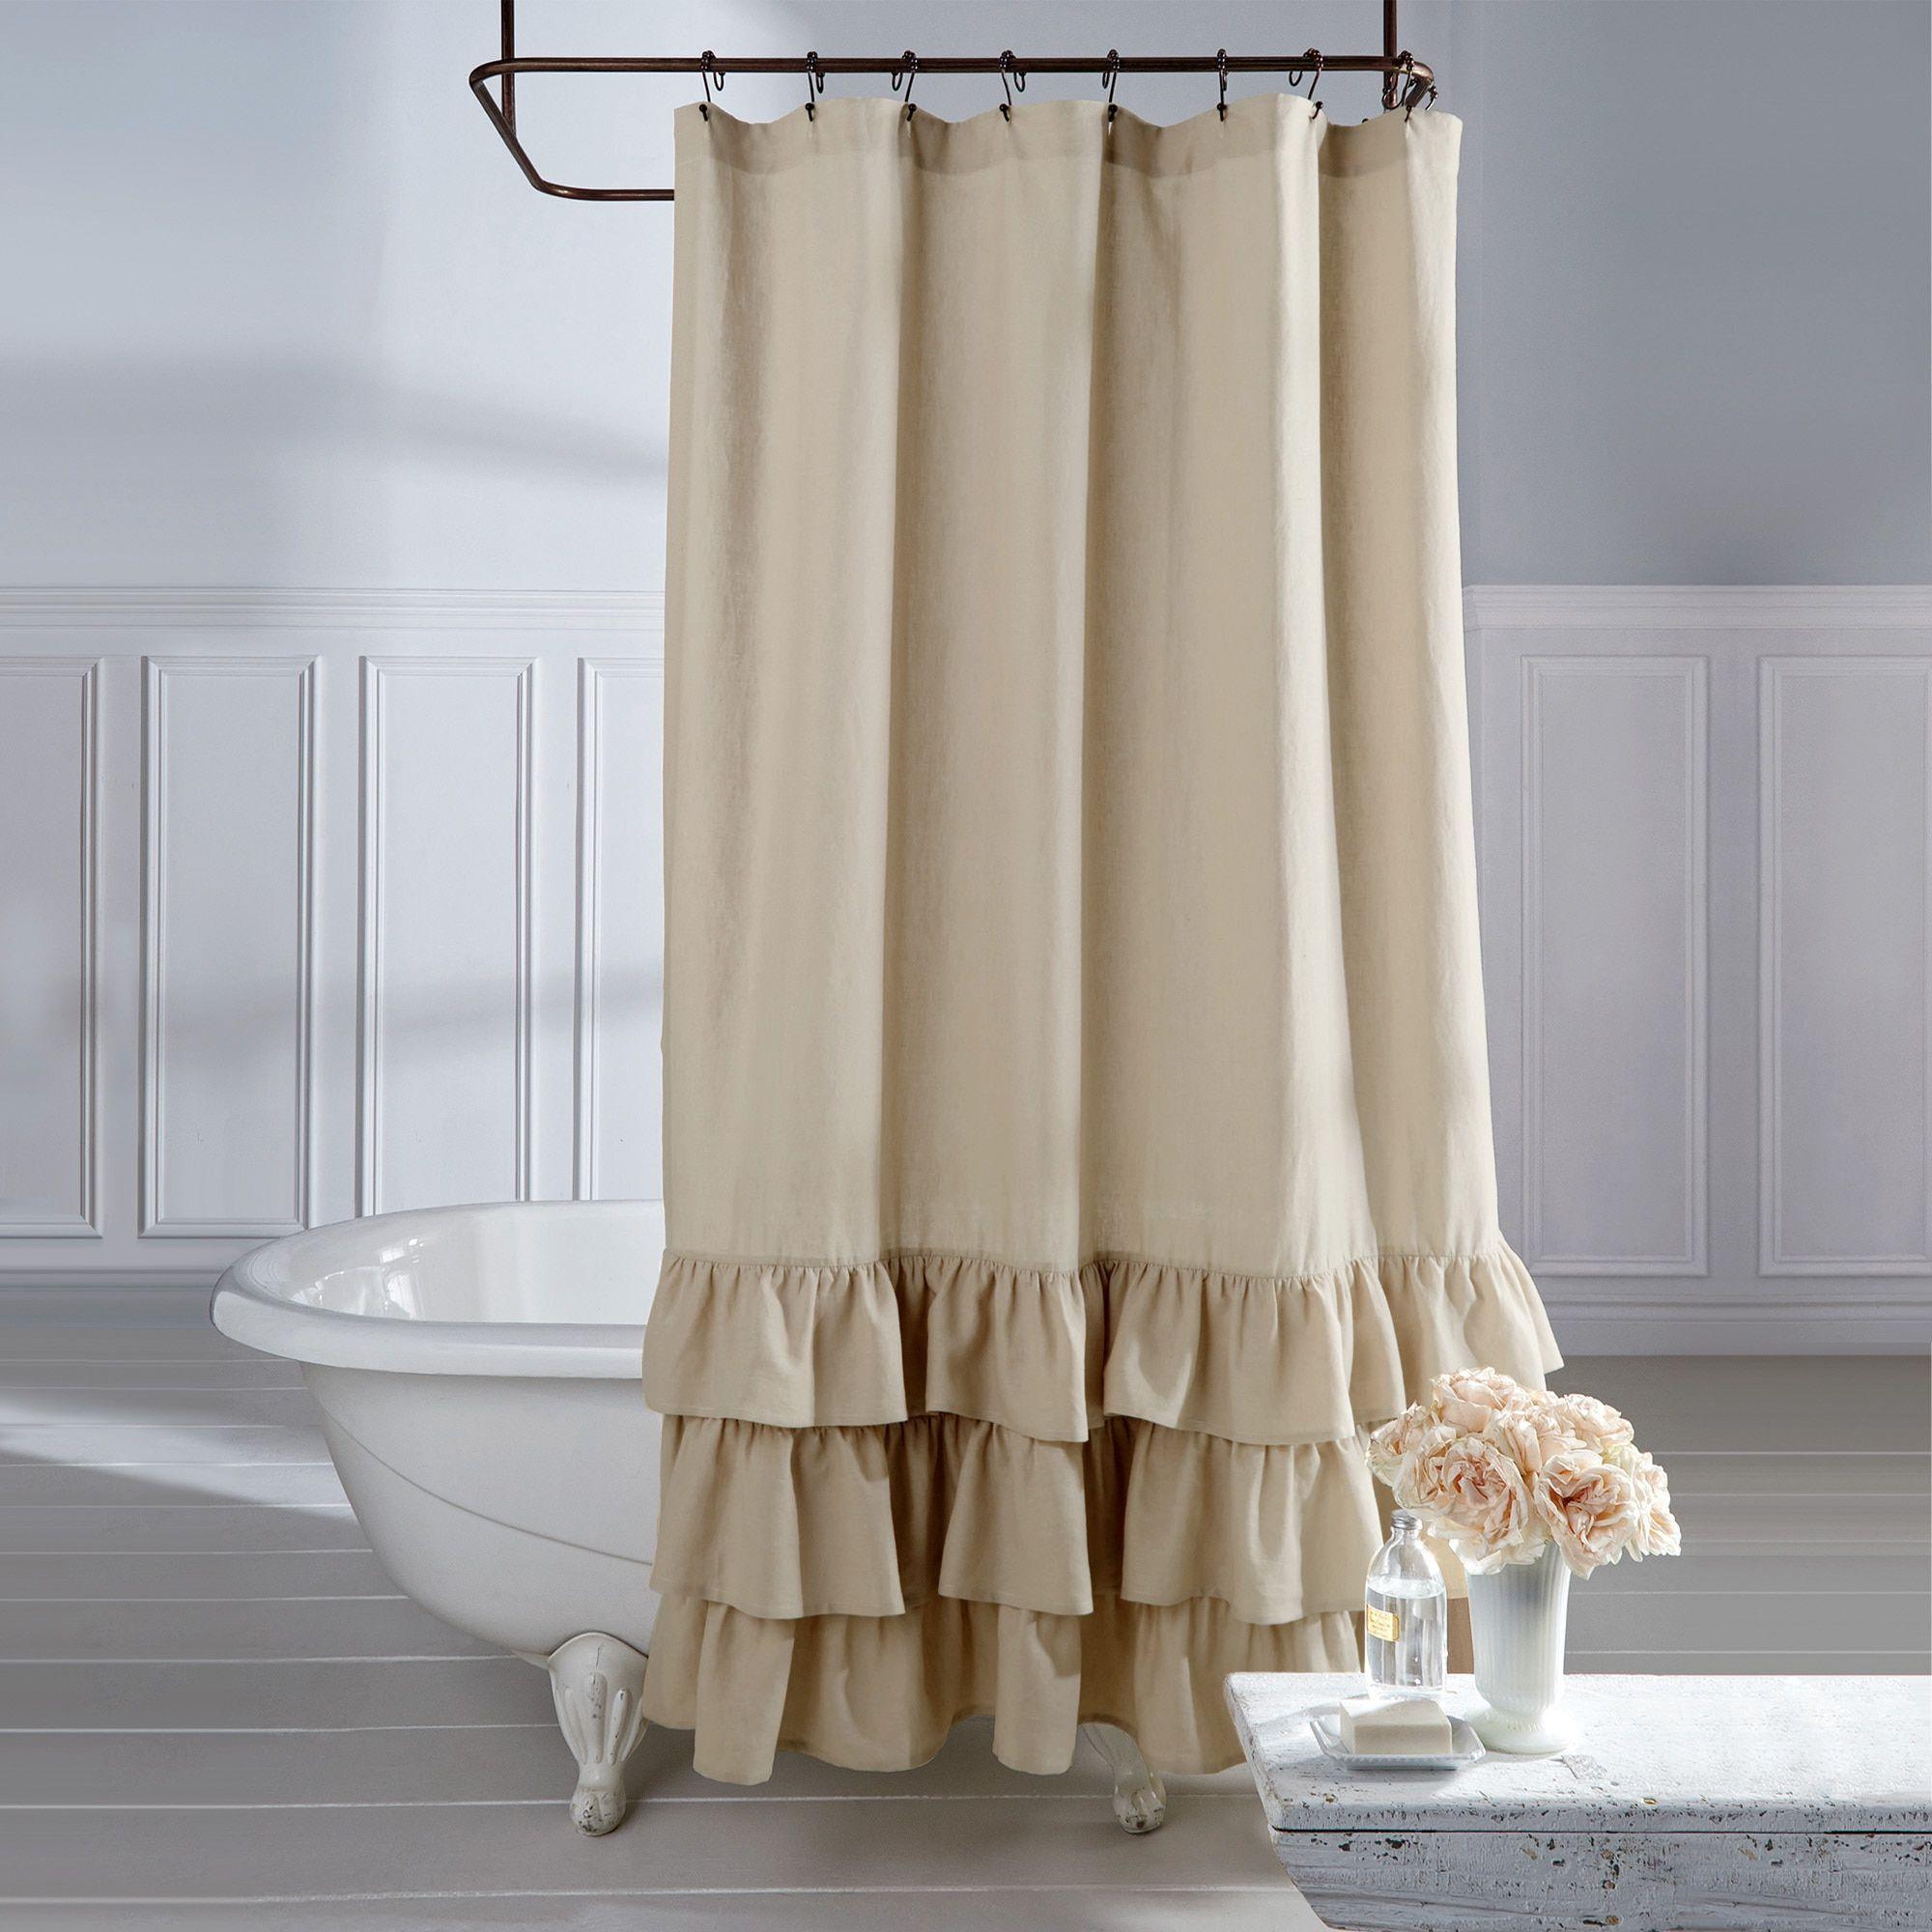 Veratex Farmhouse Linen Ruffle Shower Curtain Cortinas De Ducha